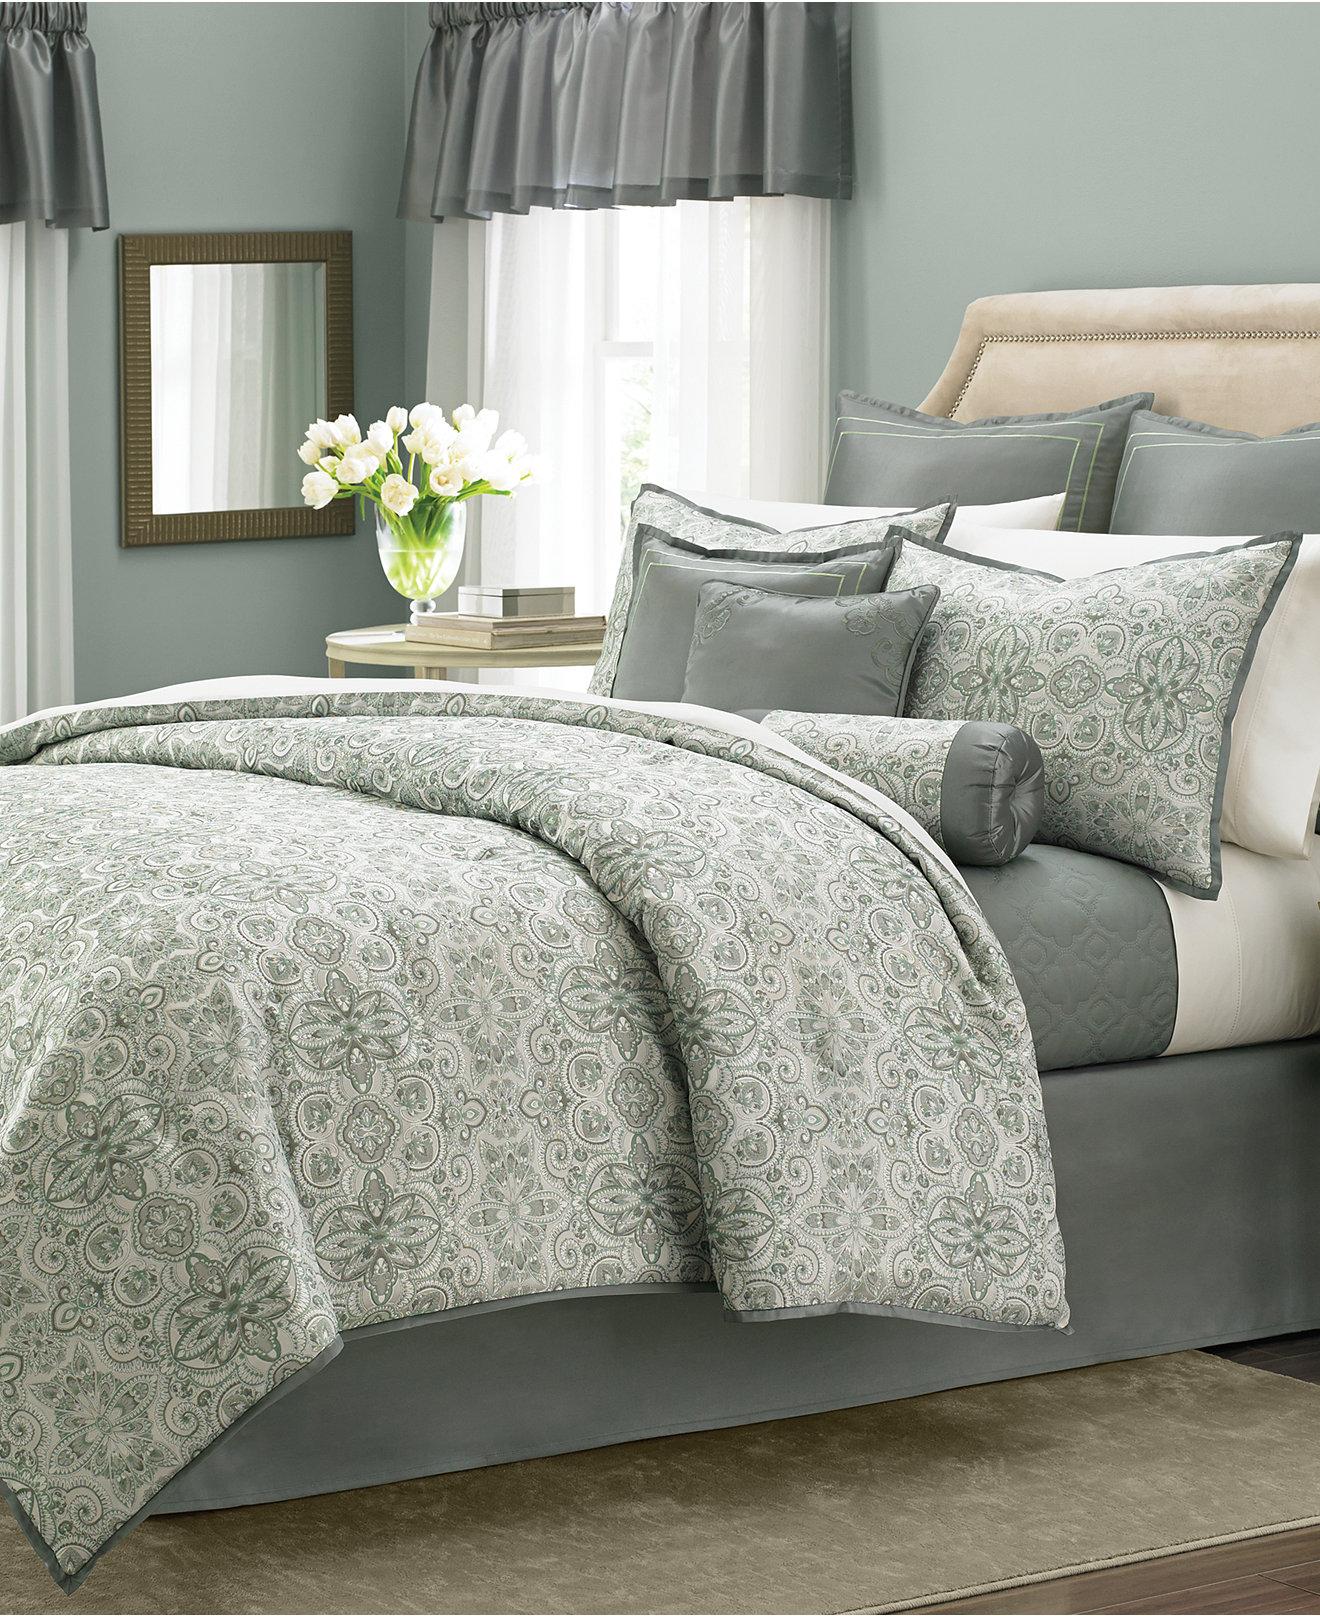 cojines y cubrecama dormitorio matrimonio